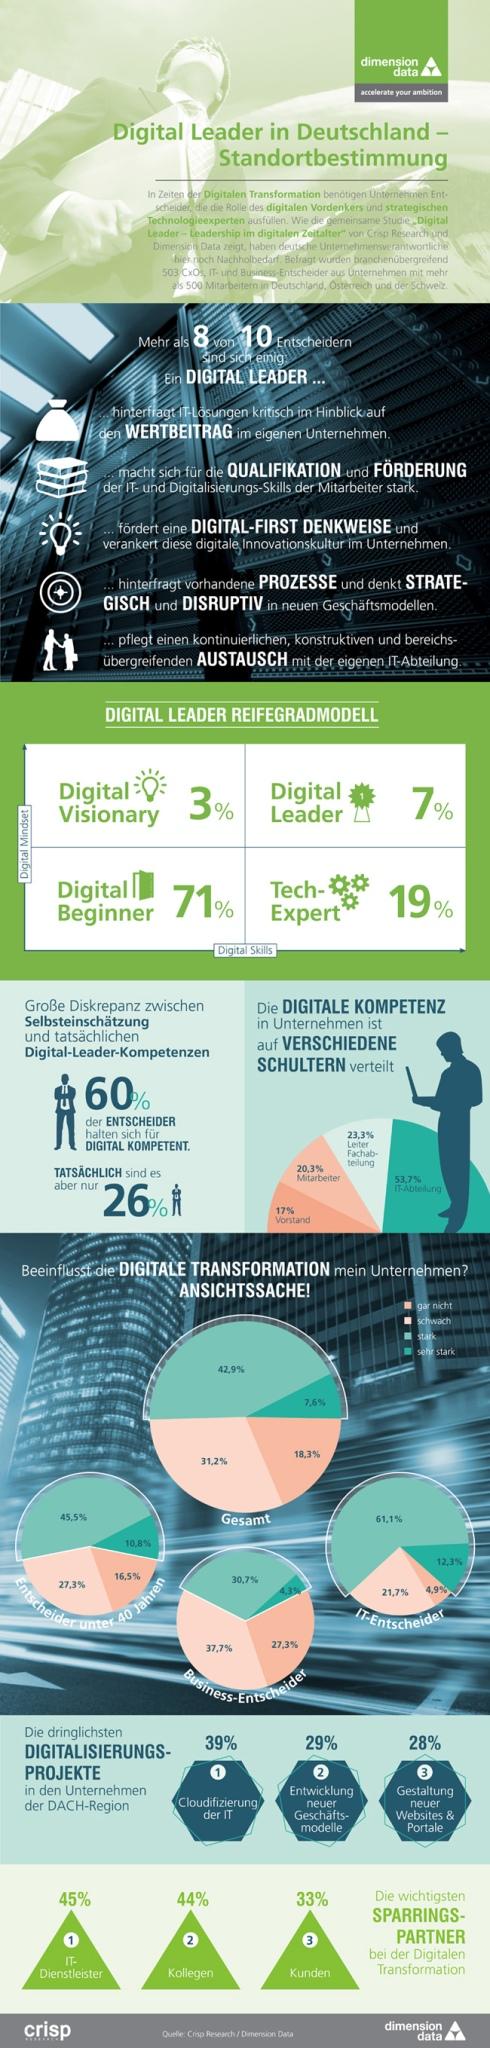 digitalleader